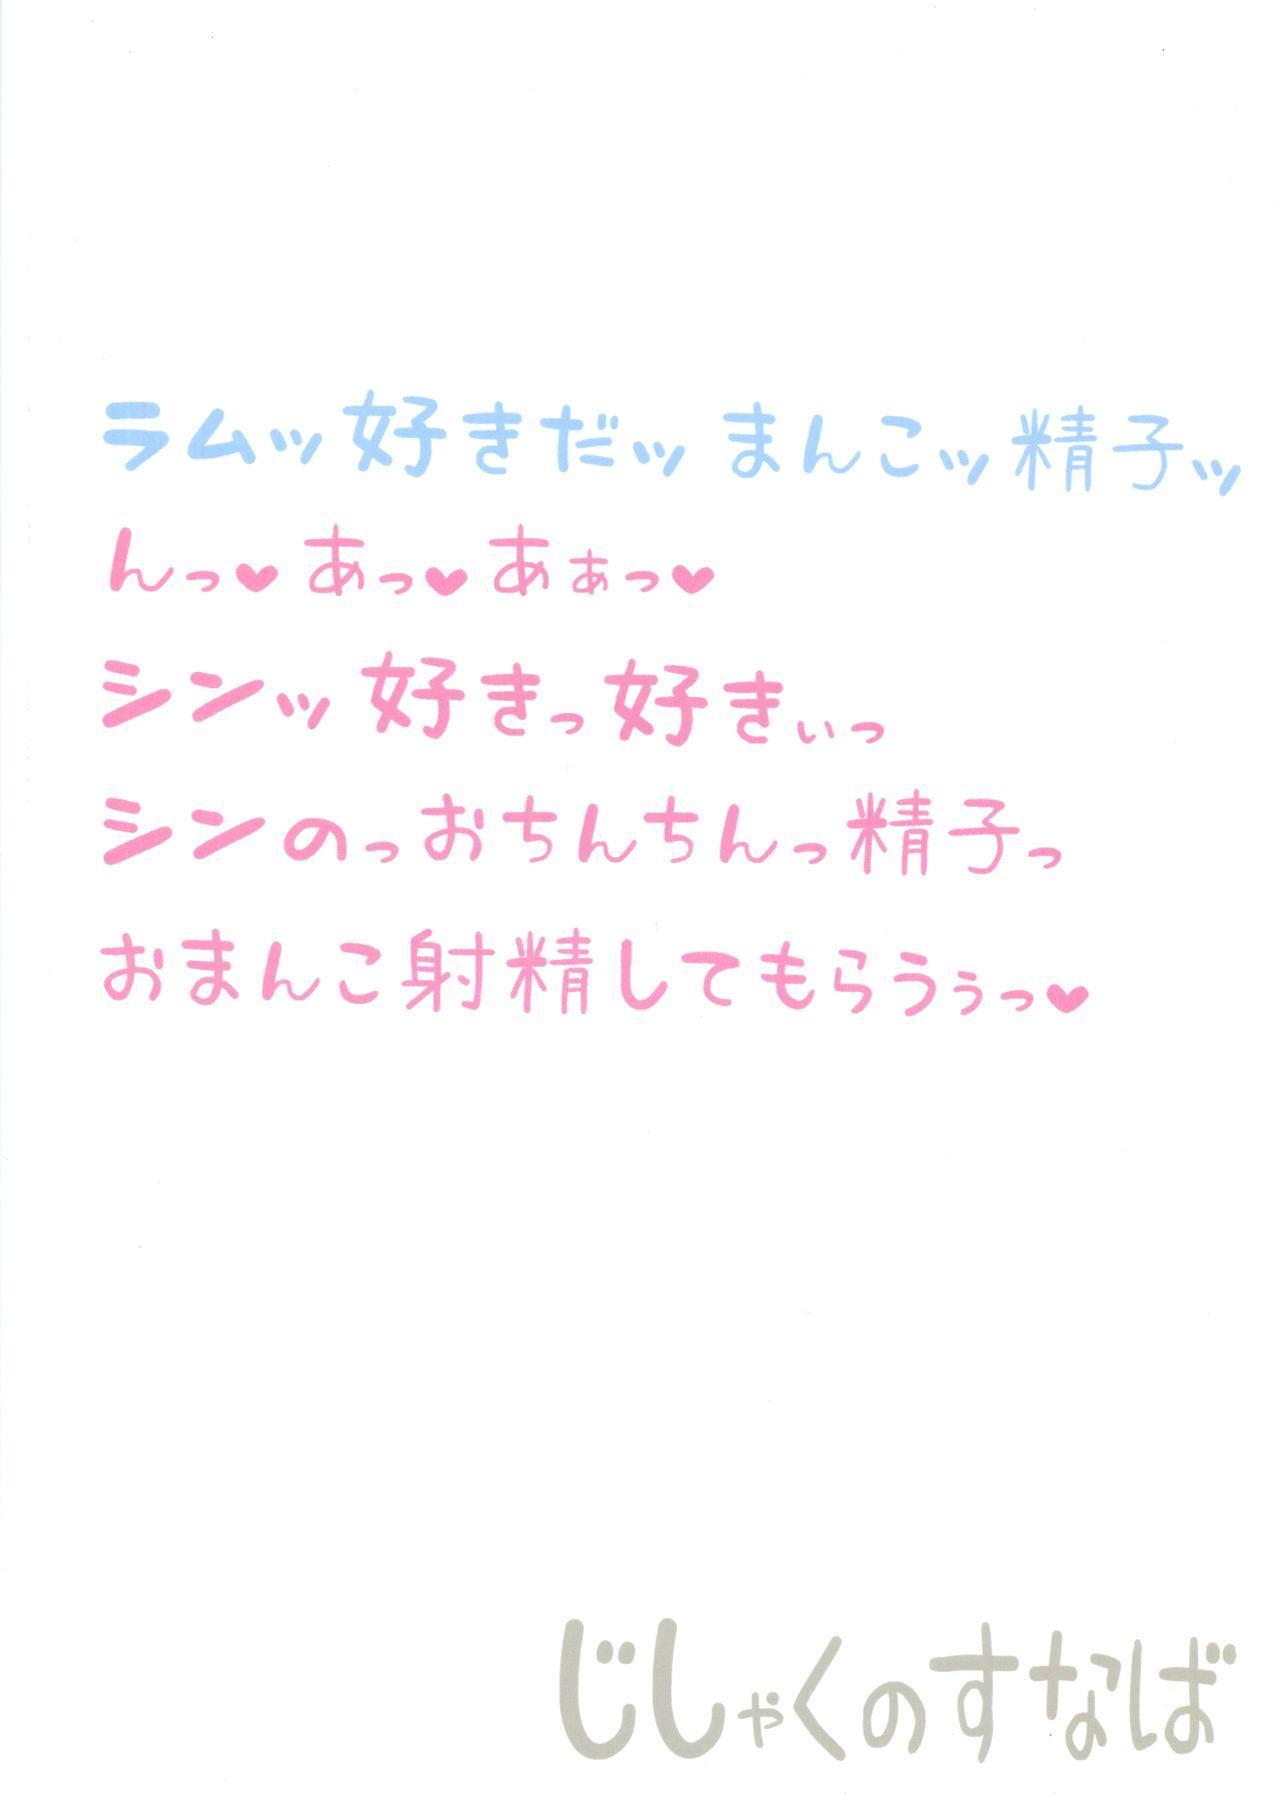 (C88) [Jishaku no Sunaba (Porosuke)] Sin-kun no Hatsu Shasei wa Ram-chan no Naka de do byu byu byu (GUILTY GEAR) [English] 1